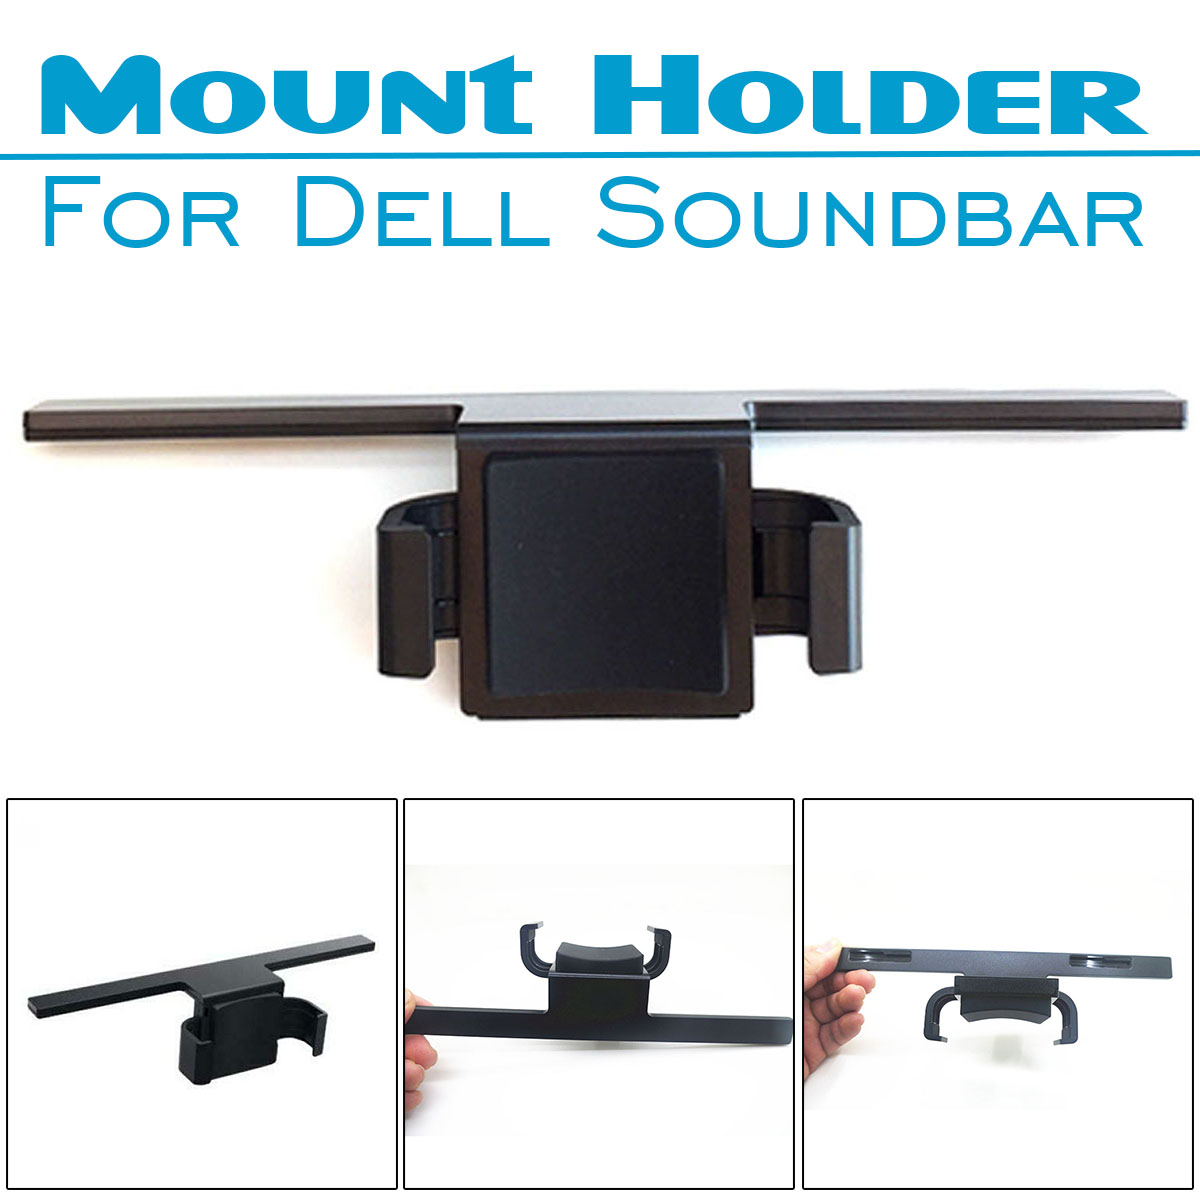 Soundbar Bracket Holder Stand For Dell Sound Bar P2219 P2419 P2719 S2719 For UltraSharp U2419 U2719 U3219